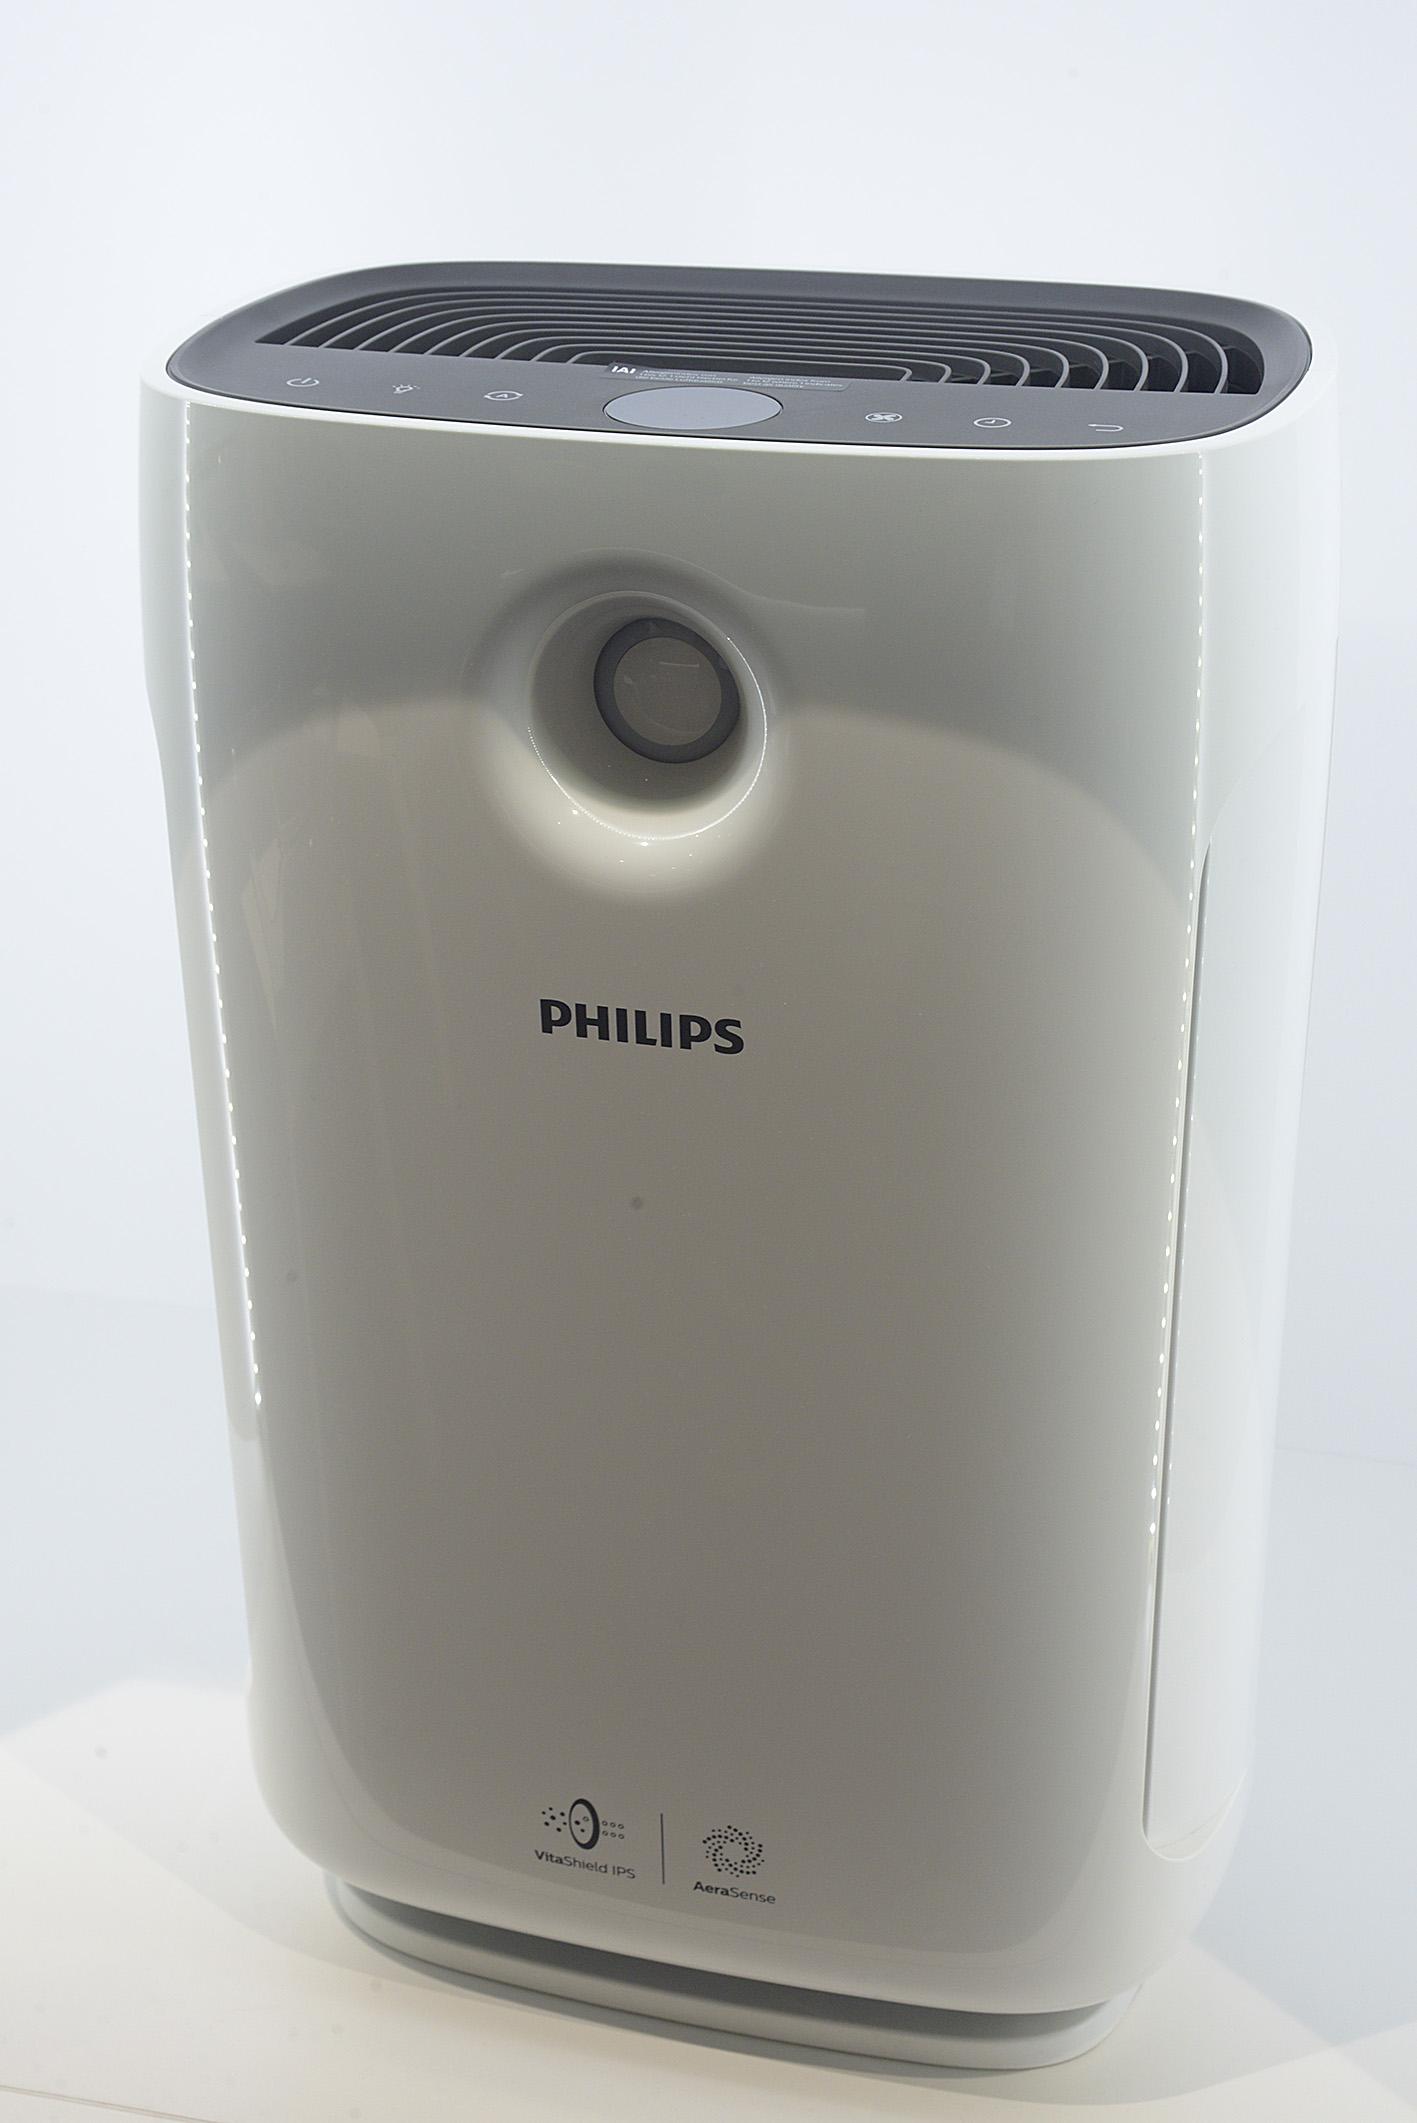 Foto: Michael B. Rehders Wer im Hochsommer Filme schauen möchte, dem bietet Philips ein hilfreiches Accessoire - Ein Klimagerät.